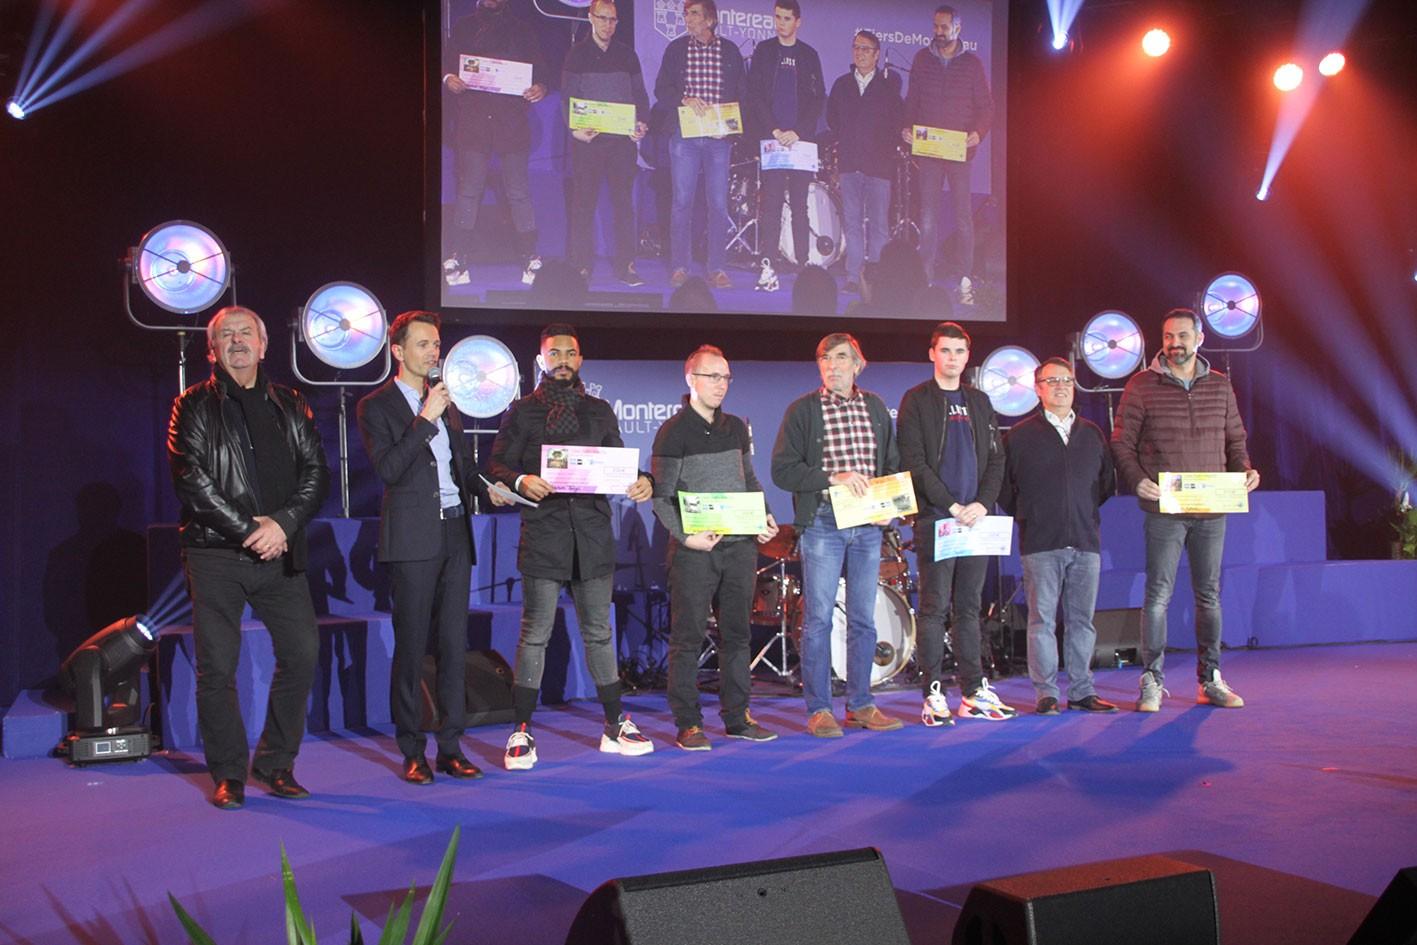 Les lauréats du concours photo «Montereau à la confluence de l'humain et de l'urbain» : Laurent Brun, Nassim Tangi, Jordan Fregona, Thierry Merle et Clément Jouglet.